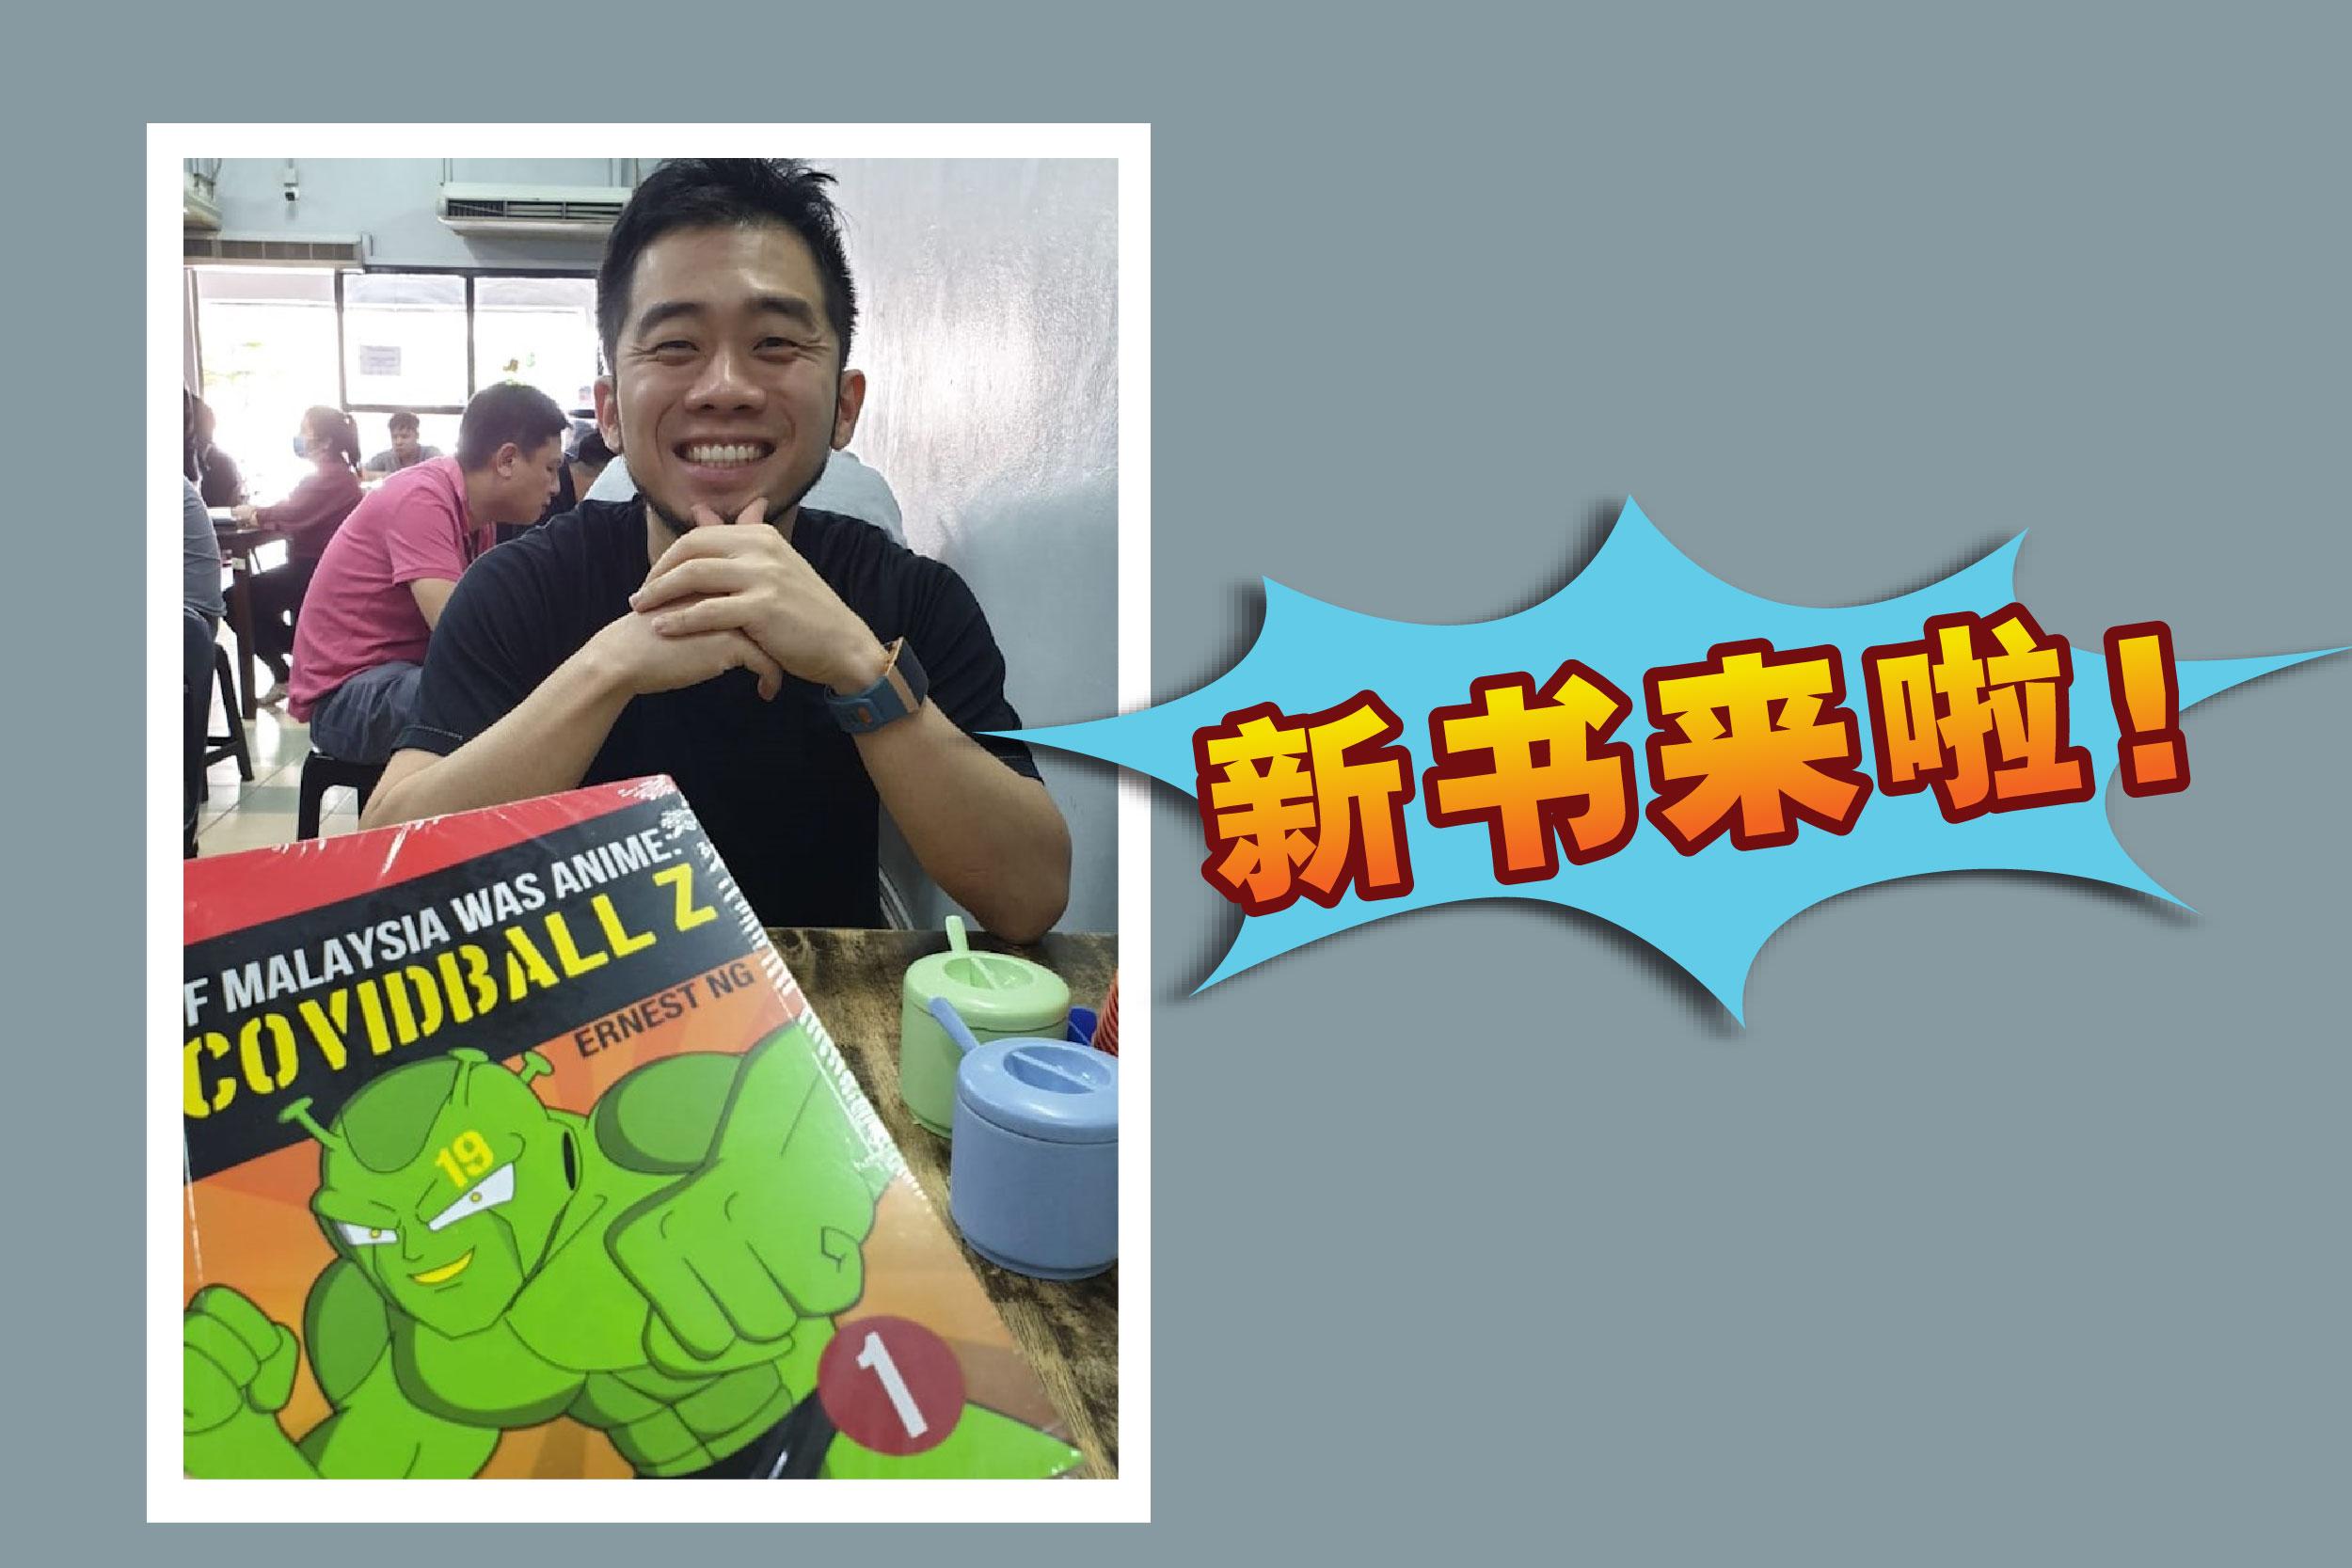 除了网络上的漫画,《Covidball Z》中也收录了不少还未发布的新作品。-Ernest Ng供图,精彩大马制图-